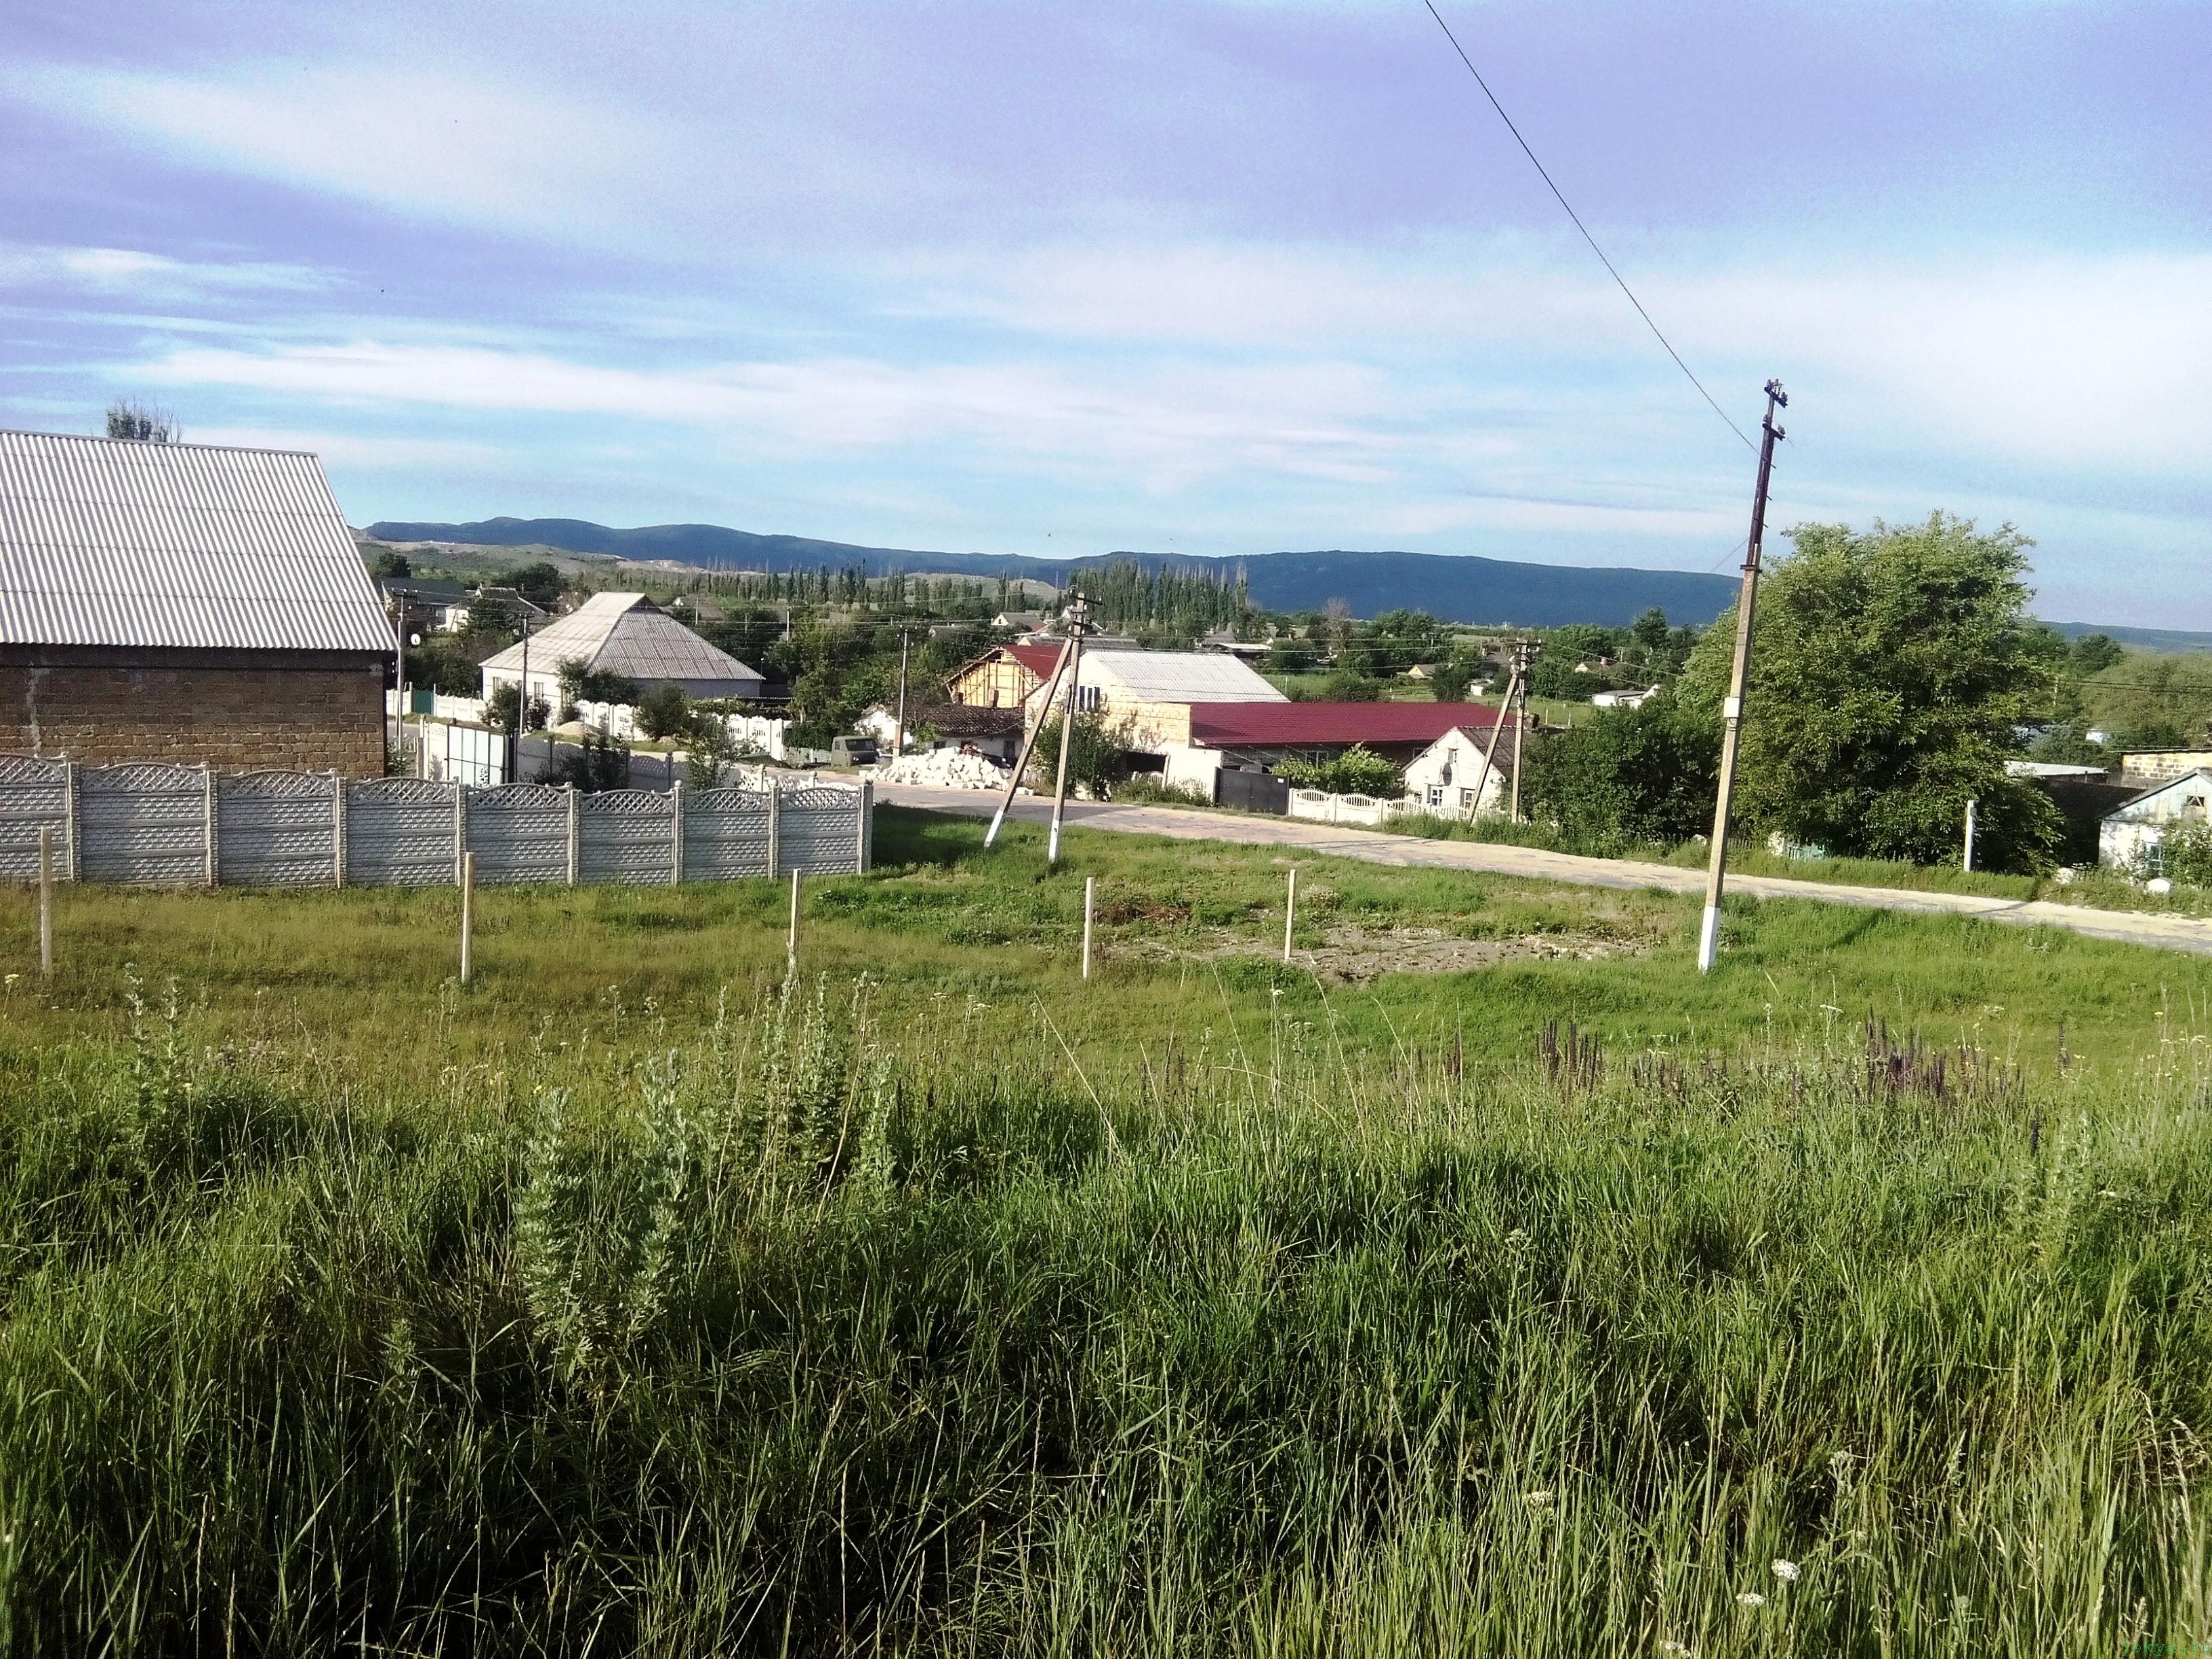 Дорога через село Чернополье утром фото заметка о Крыме jokya.ru